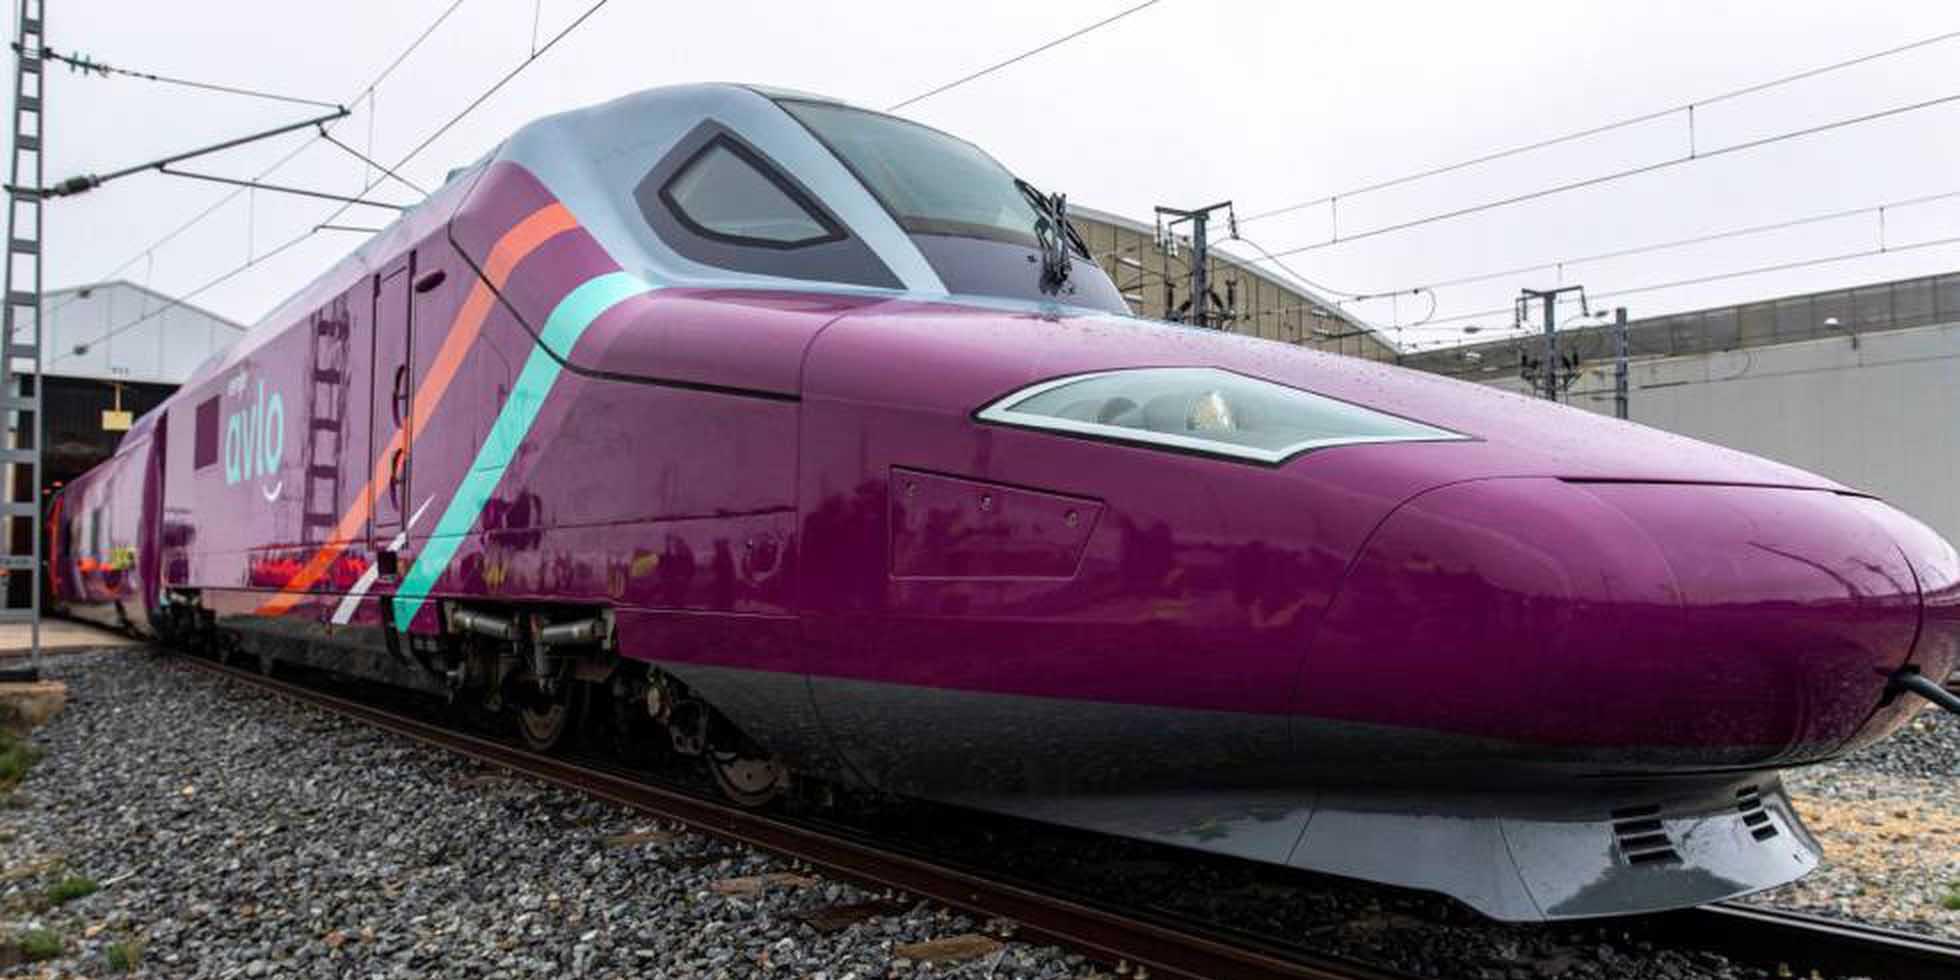 Se estrena AVLO el nuevo tren europeo donde podrás viajar desde 7 euros   El Imparcial de Oaxaca